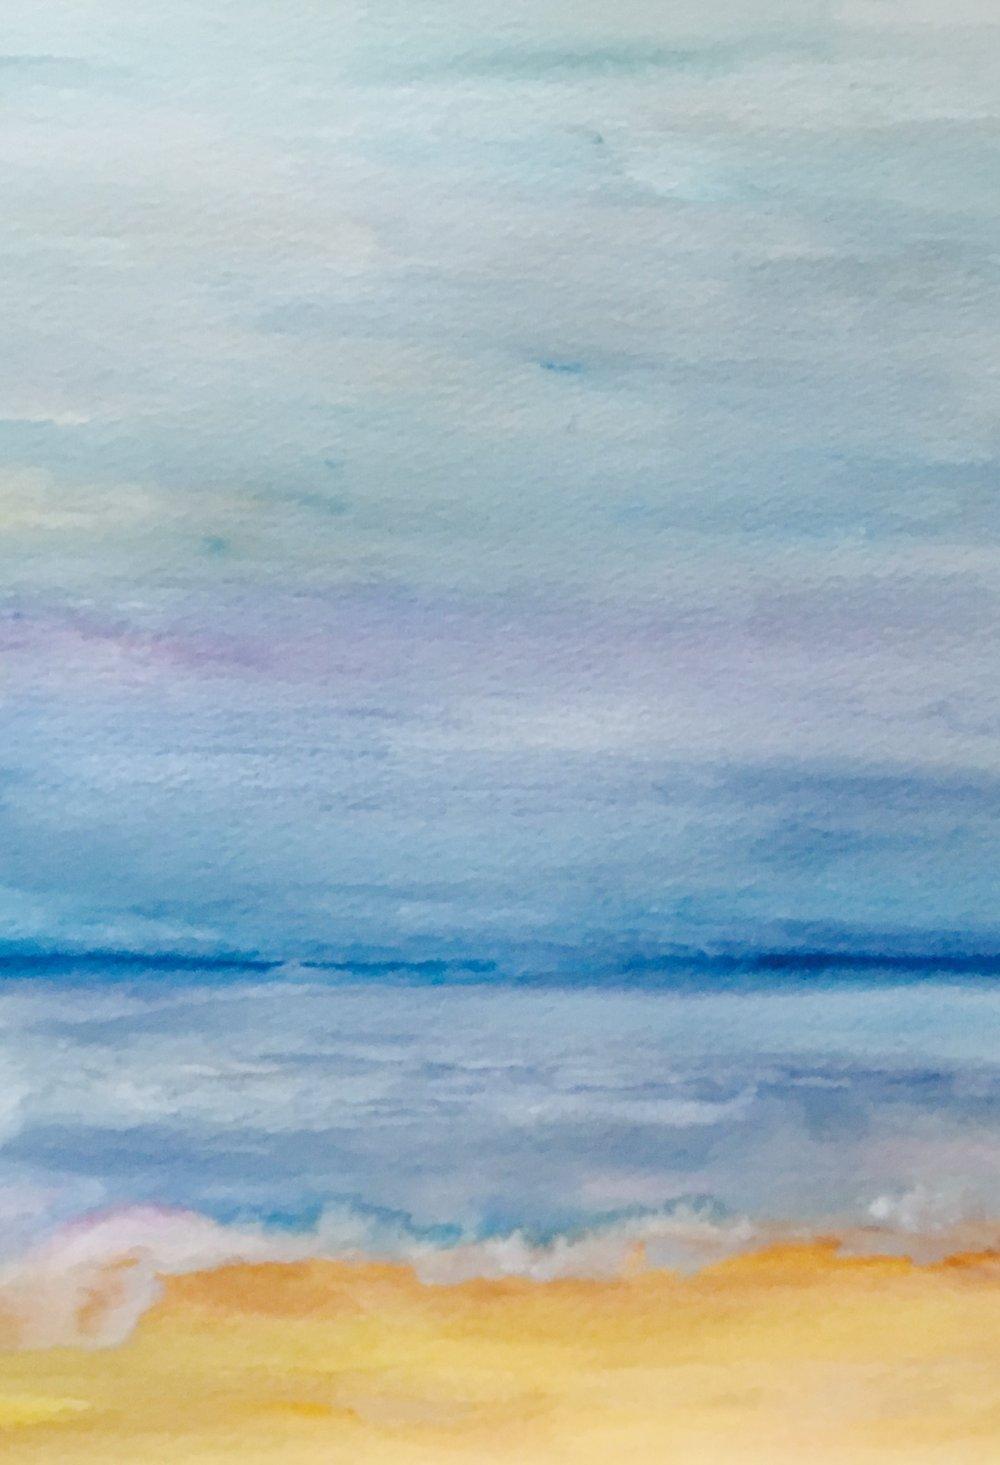 Vineyard Beach